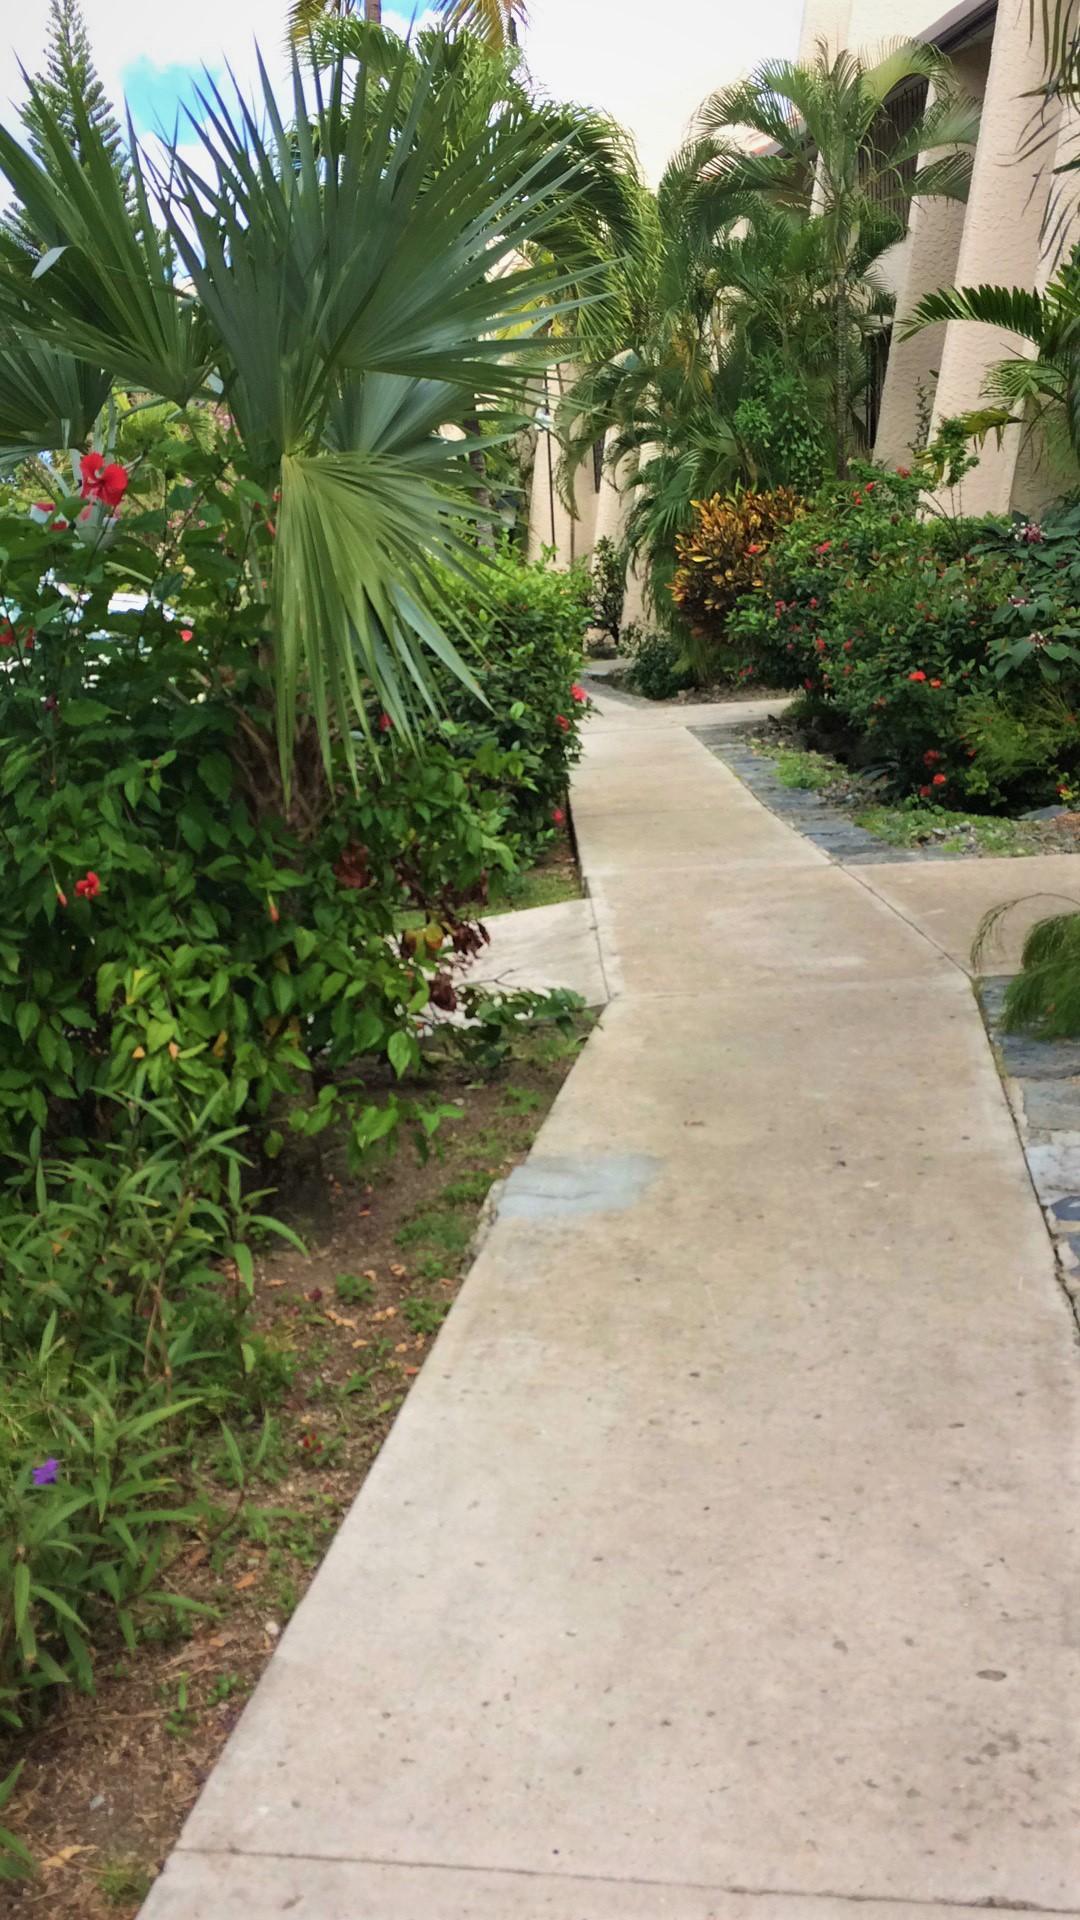 Sidewalk outside 119